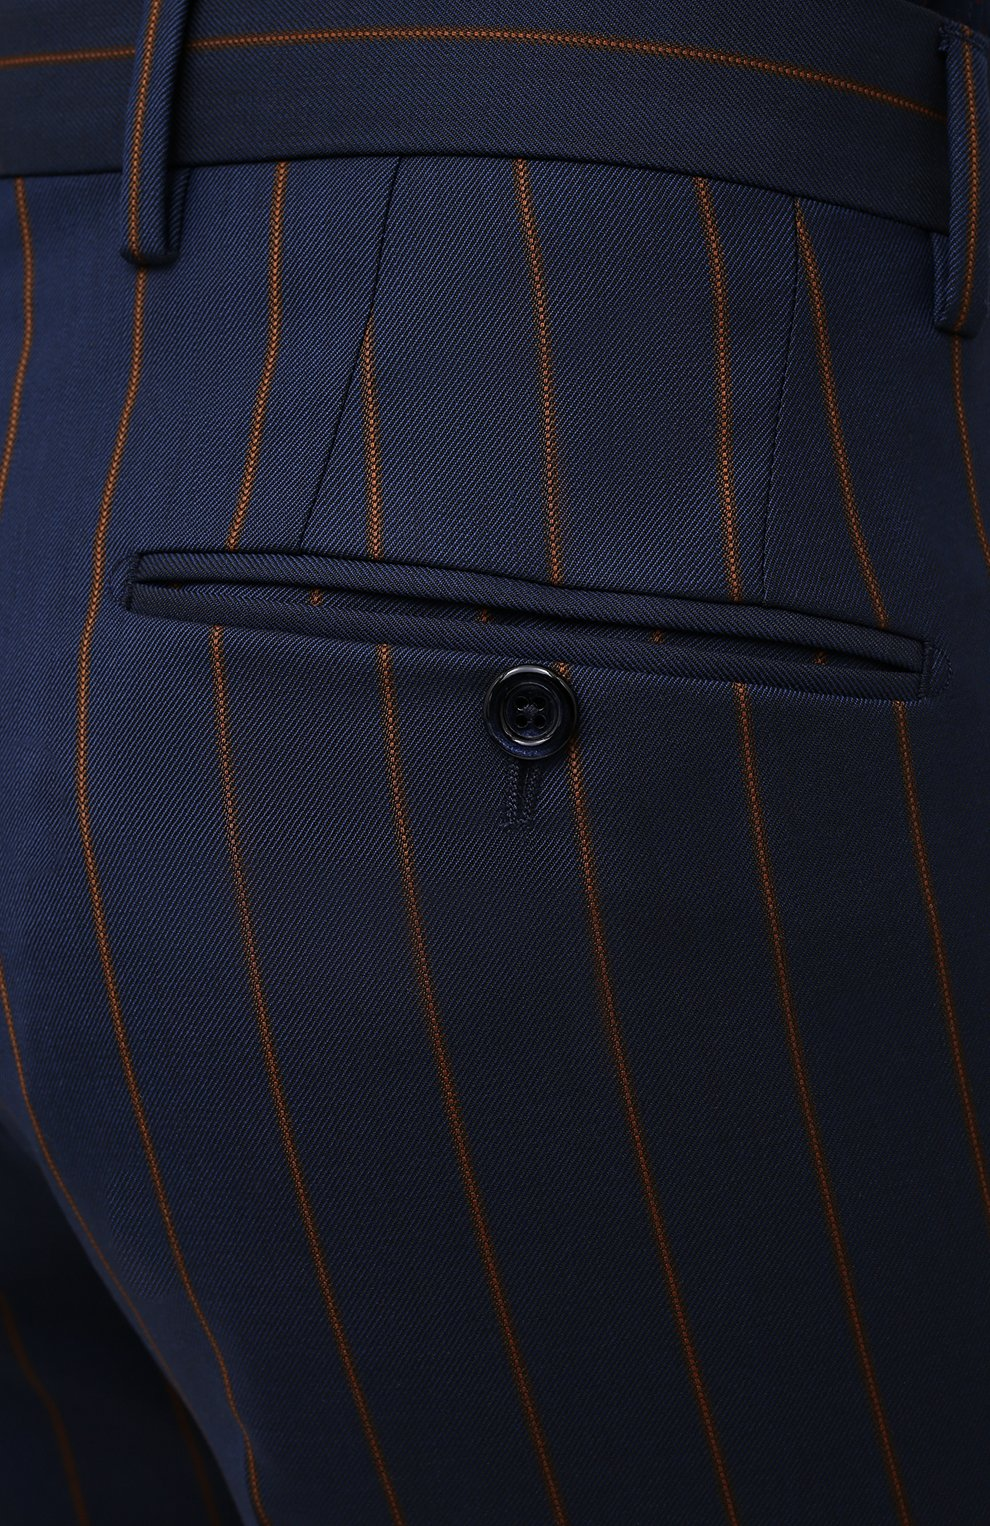 Мужские шерстяные брюки DOLCE & GABBANA синего цвета, арт. GY7BMT/FR2YH | Фото 5 (Материал внешний: Шерсть; Длина (брюки, джинсы): Стандартные; Случай: Повседневный, Формальный; Стили: Классический; Материал подклада: Вискоза)